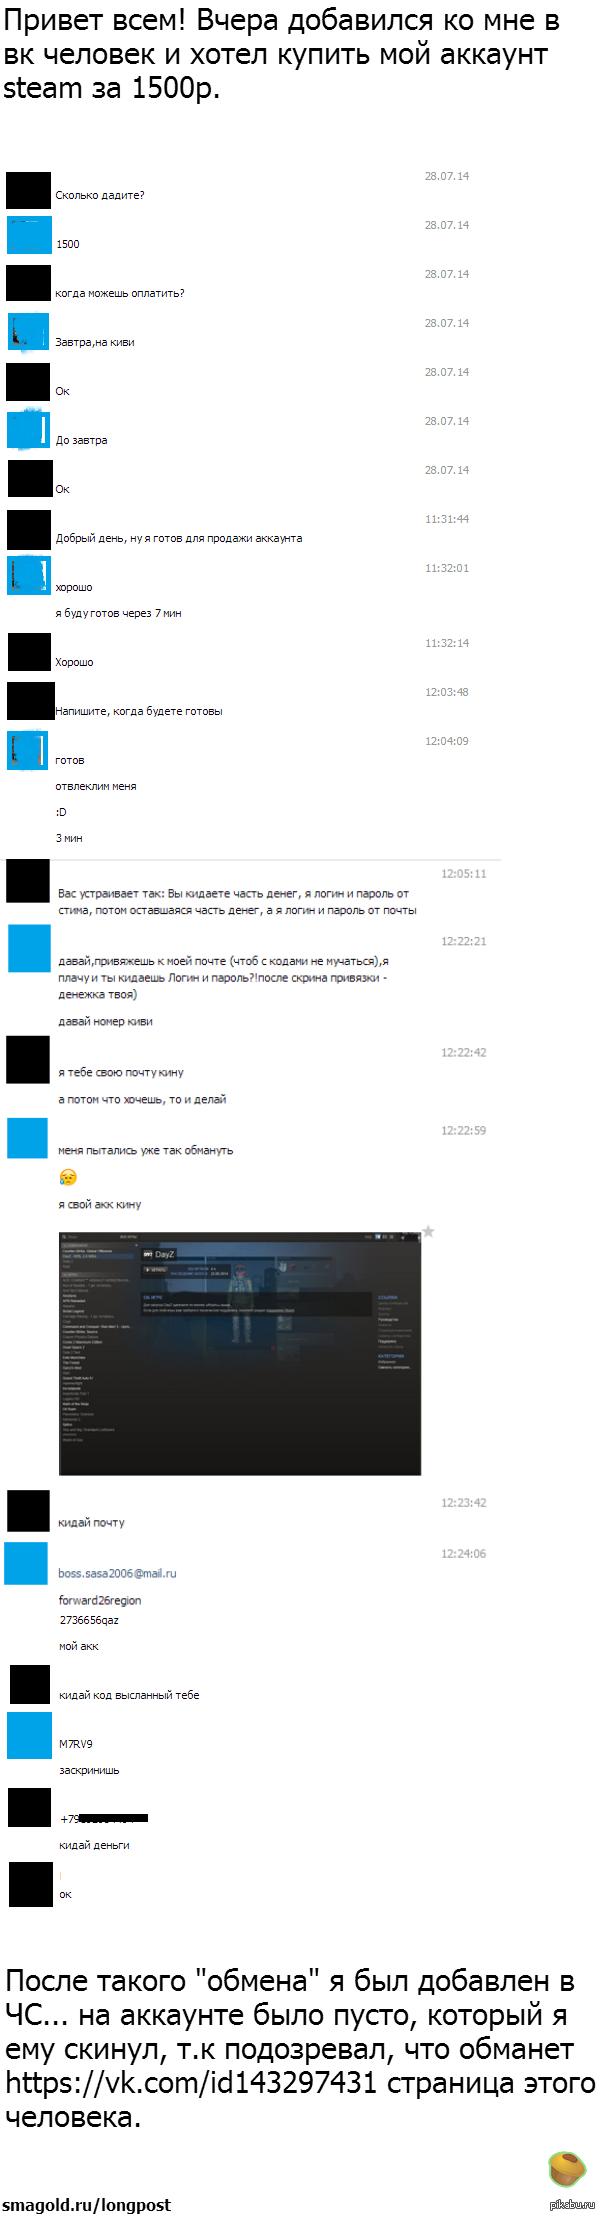 Один из способов как могут развести на аккаунт Steam Вчера добавился в друзья подозрительный человек и хотел купить мой steam аккаунт. Мой первый длиннопост.